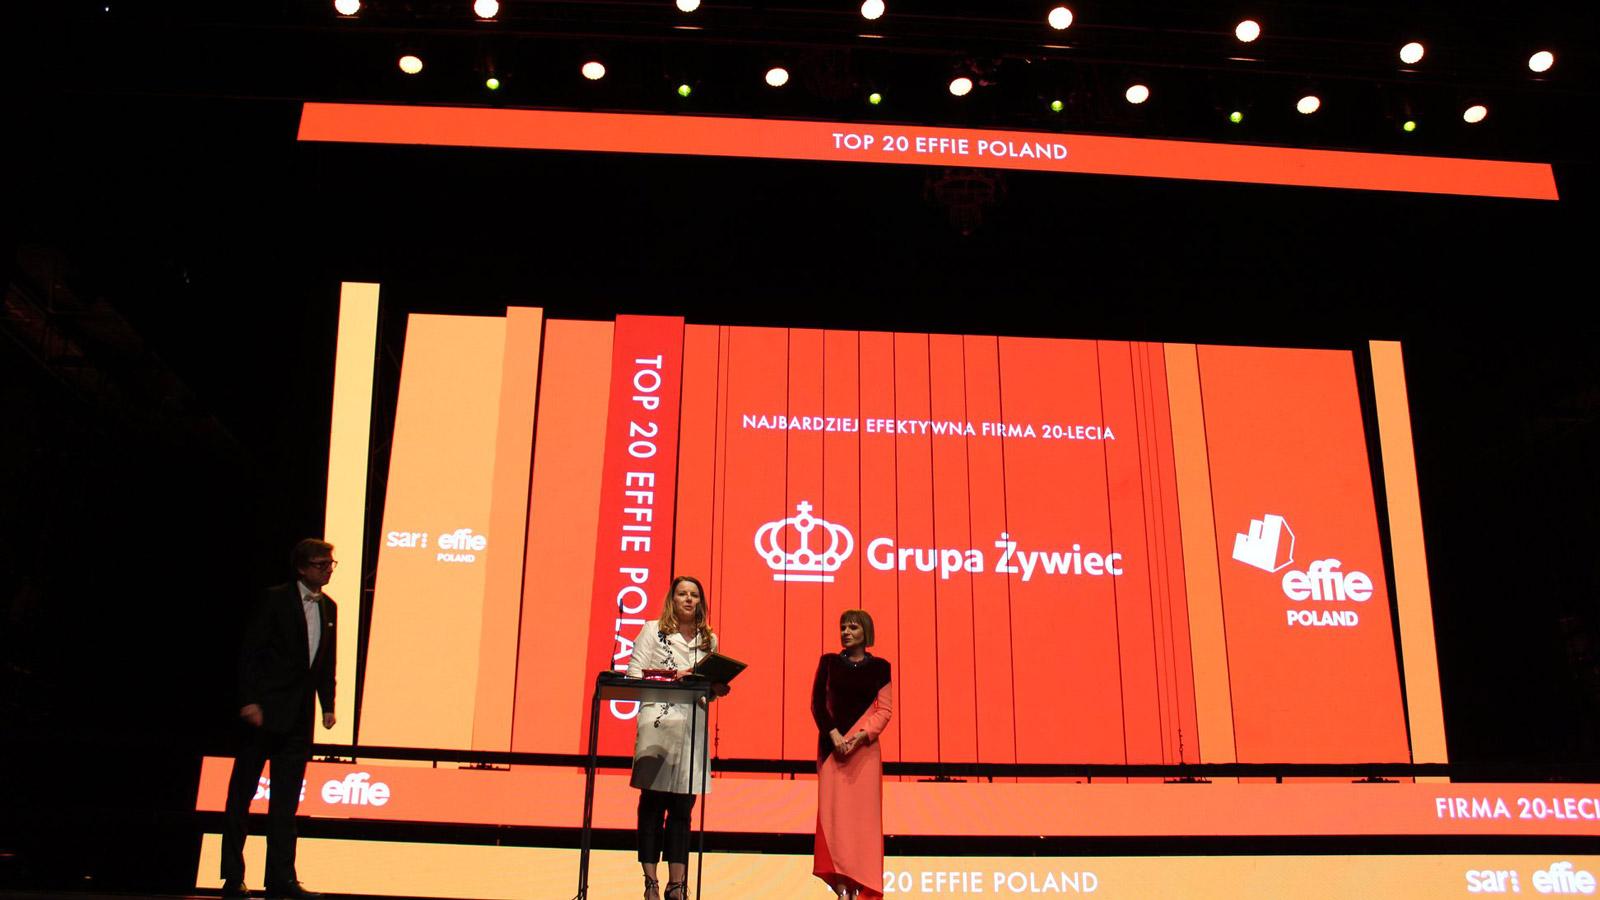 Nagrody EFFIE przyznane - ŻYWIEC z Grand Prix Konkurs mediarun effie konkurs 2019